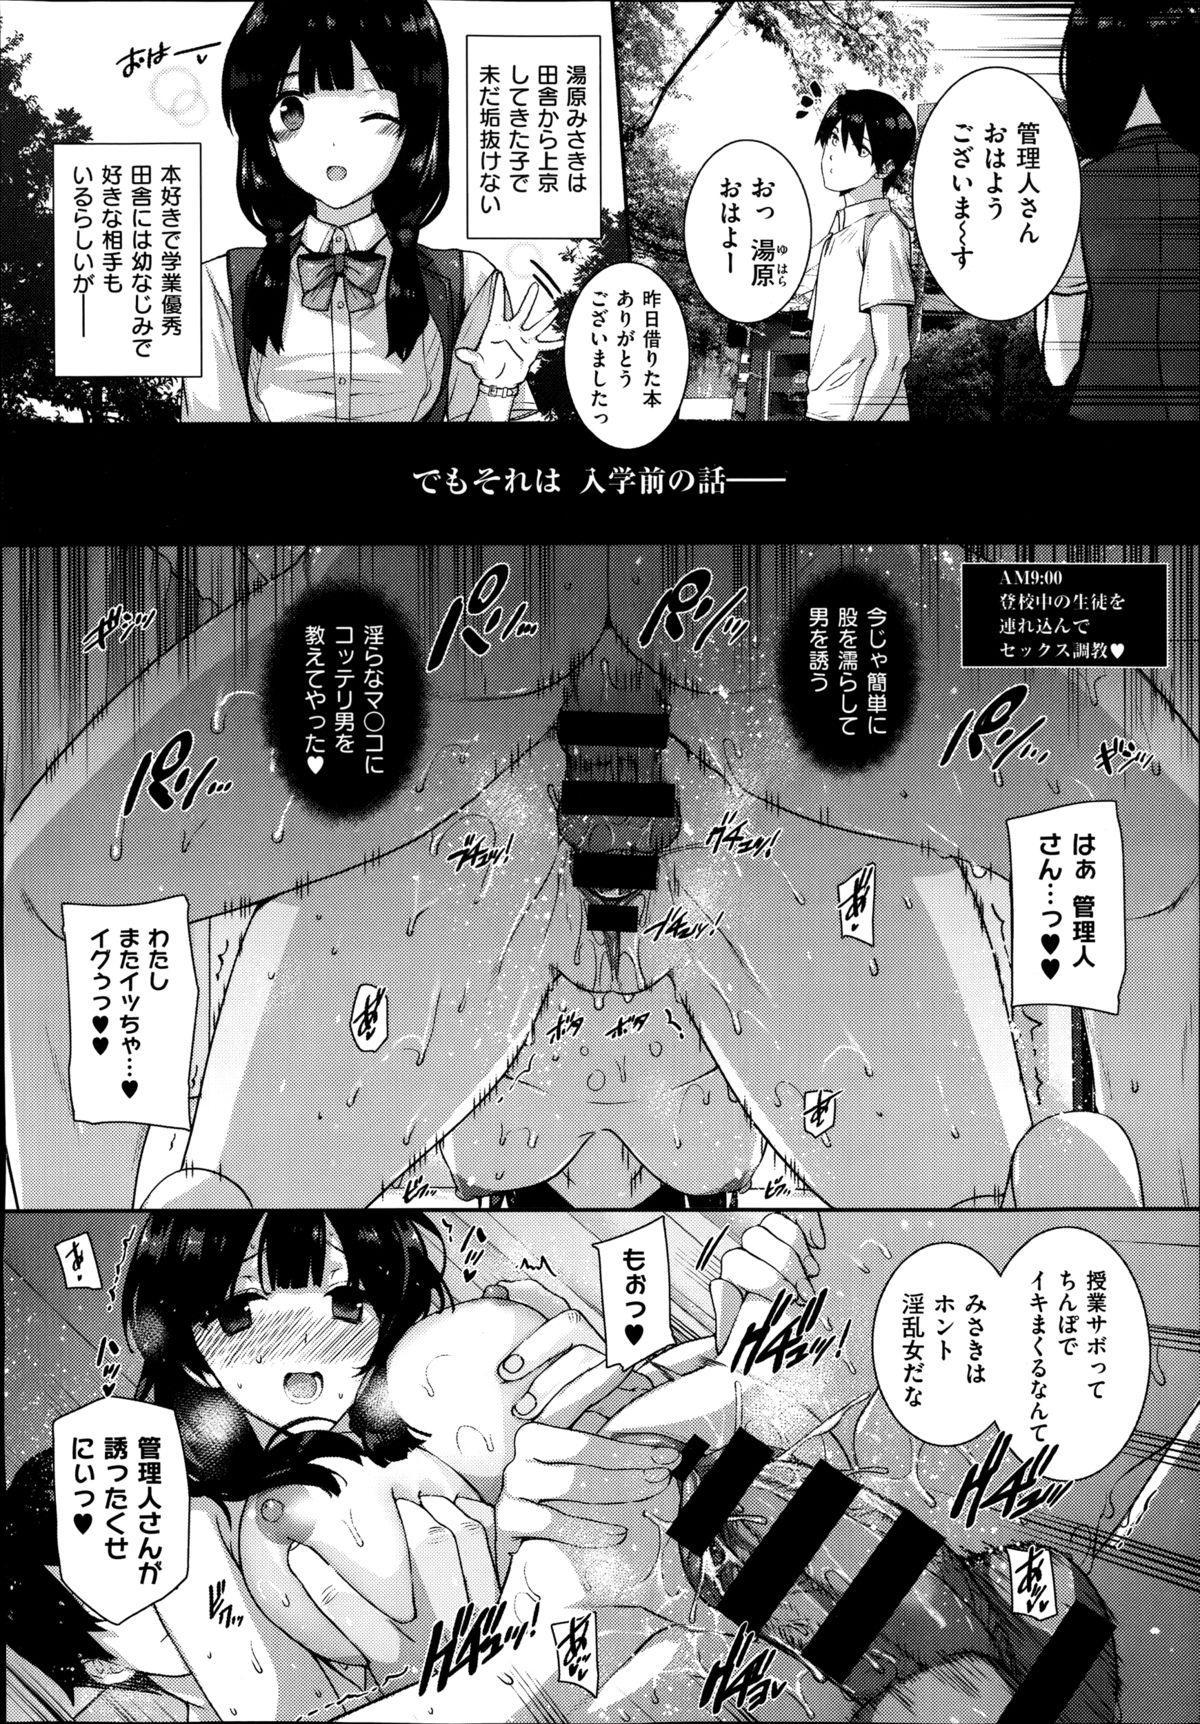 COMIC X-EROS #22 2014-10 22